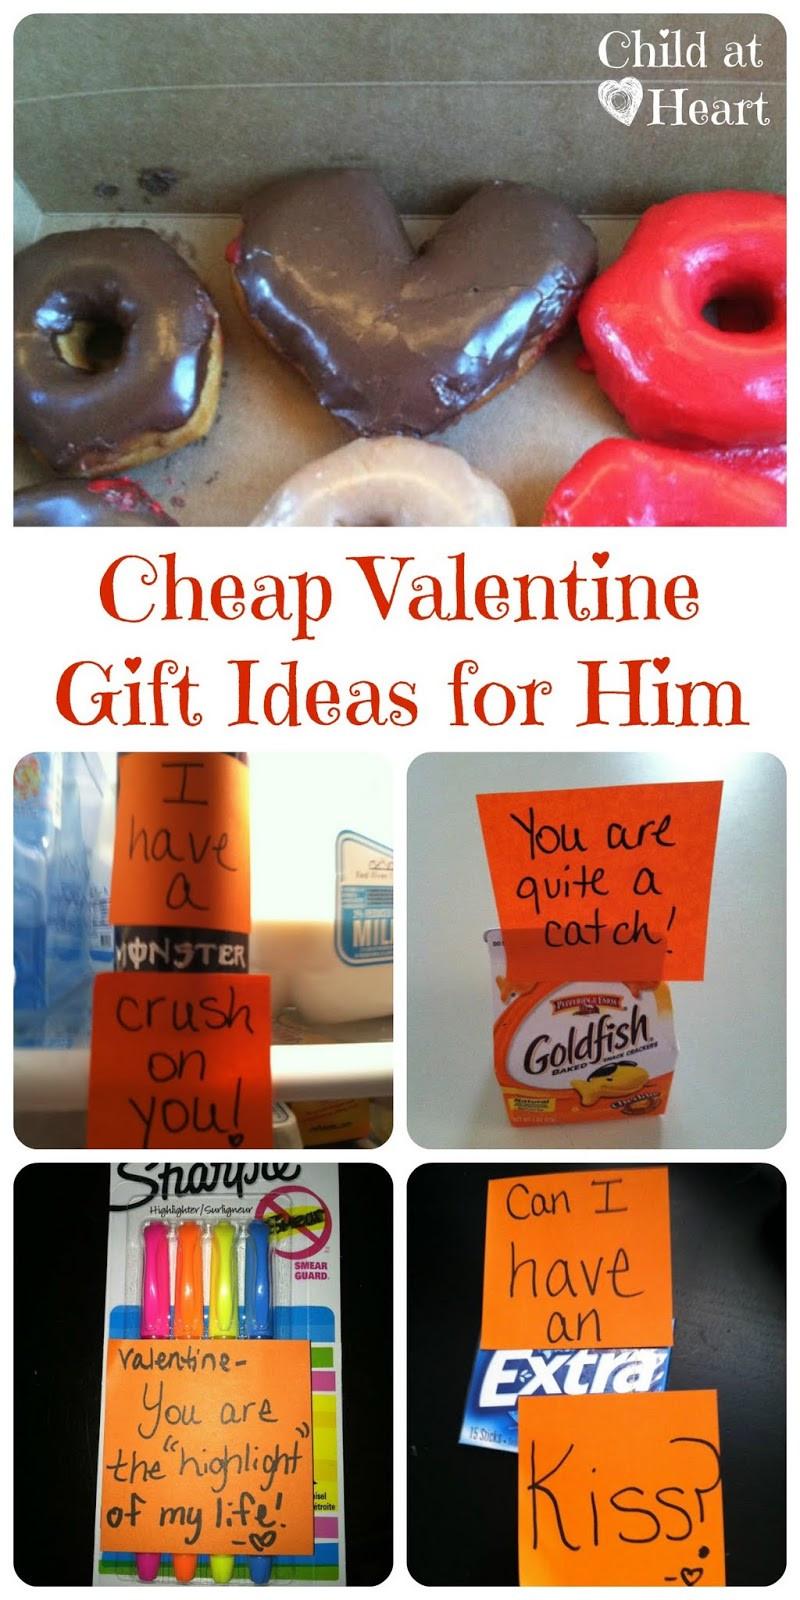 Best ideas about Cute Boyfriend Valentine Gift Ideas . Save or Pin Cheap Valentine Gift Ideas for Him Child at Heart Blog Now.